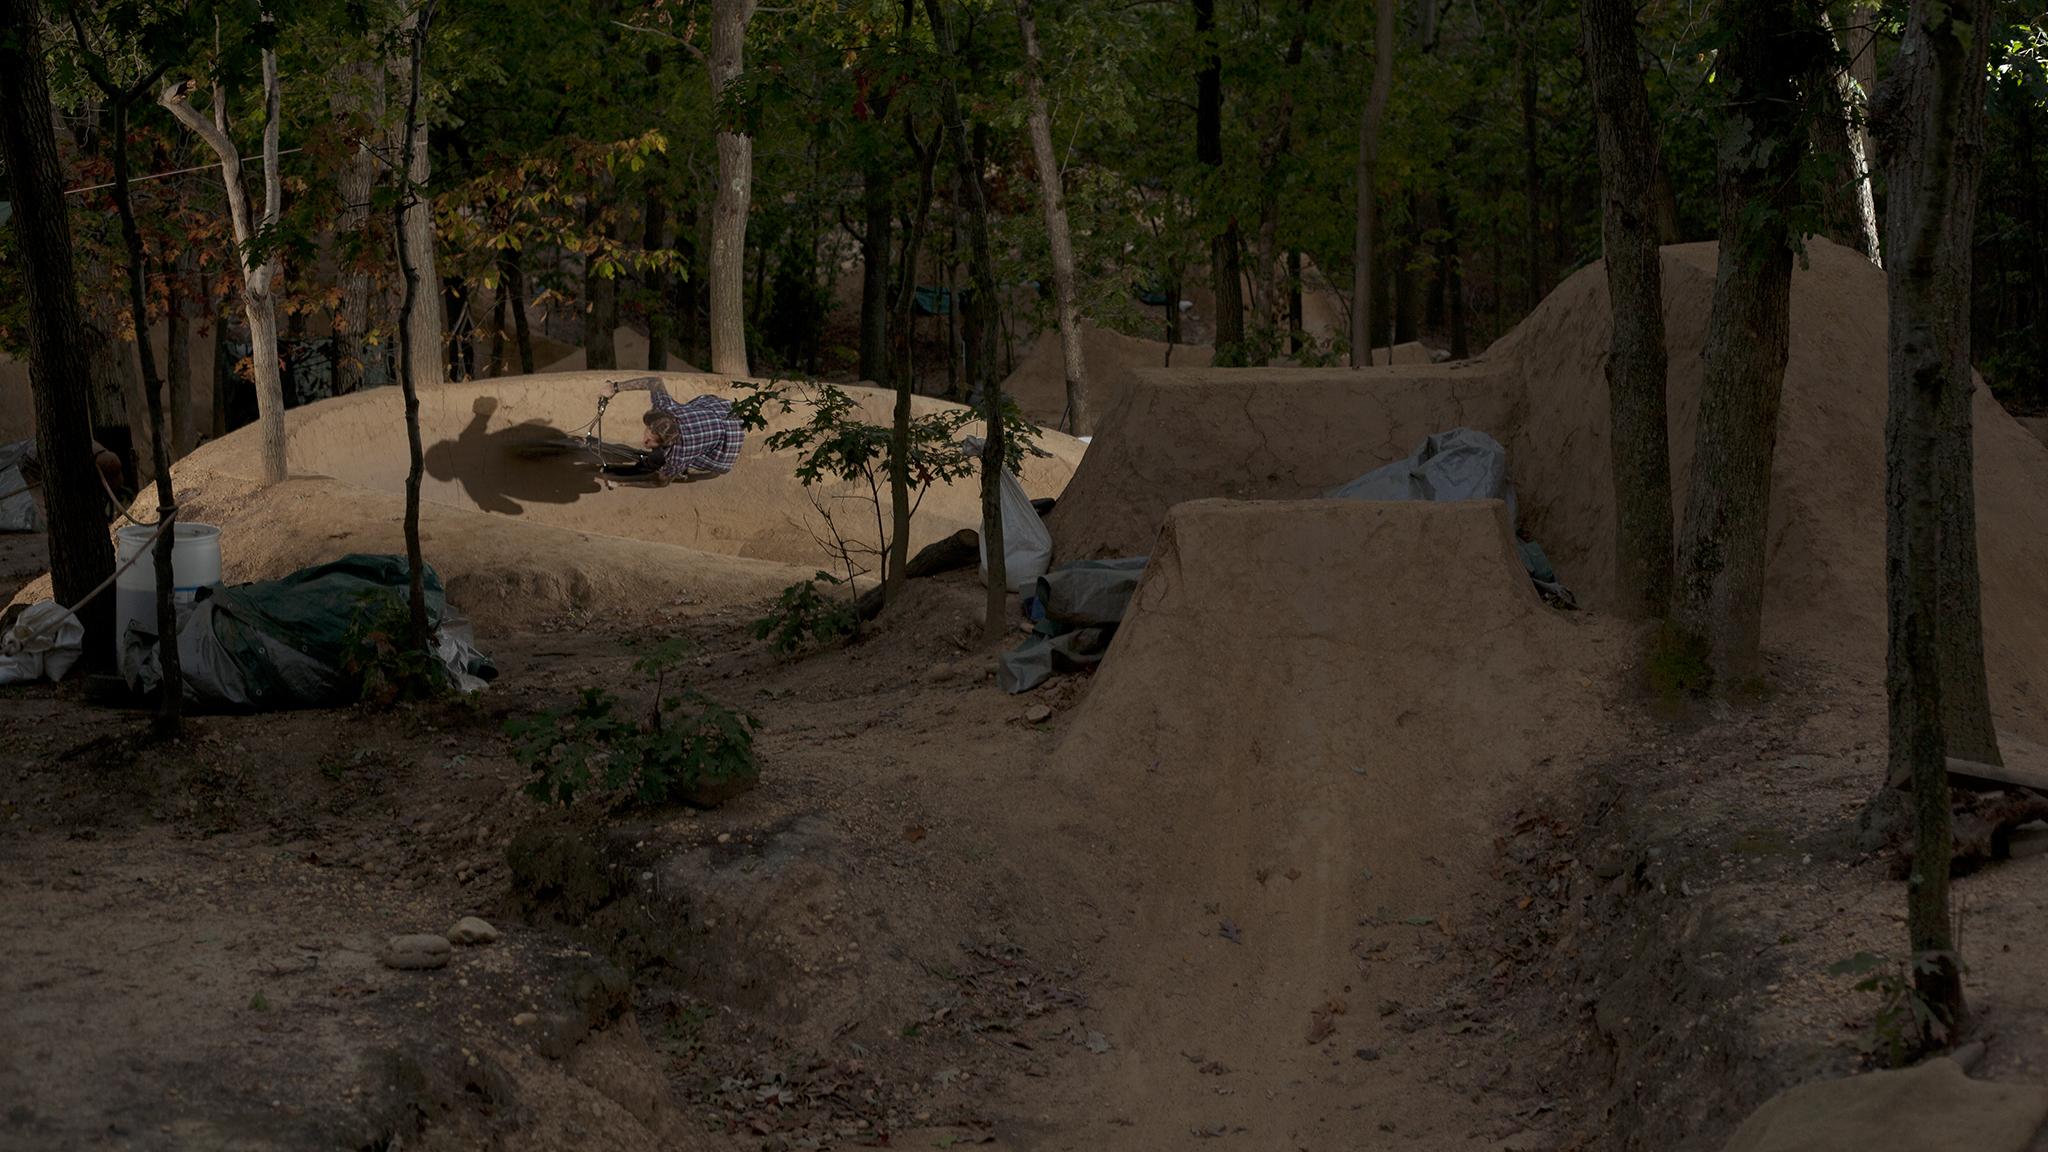 Kaminski at Boondock Trails